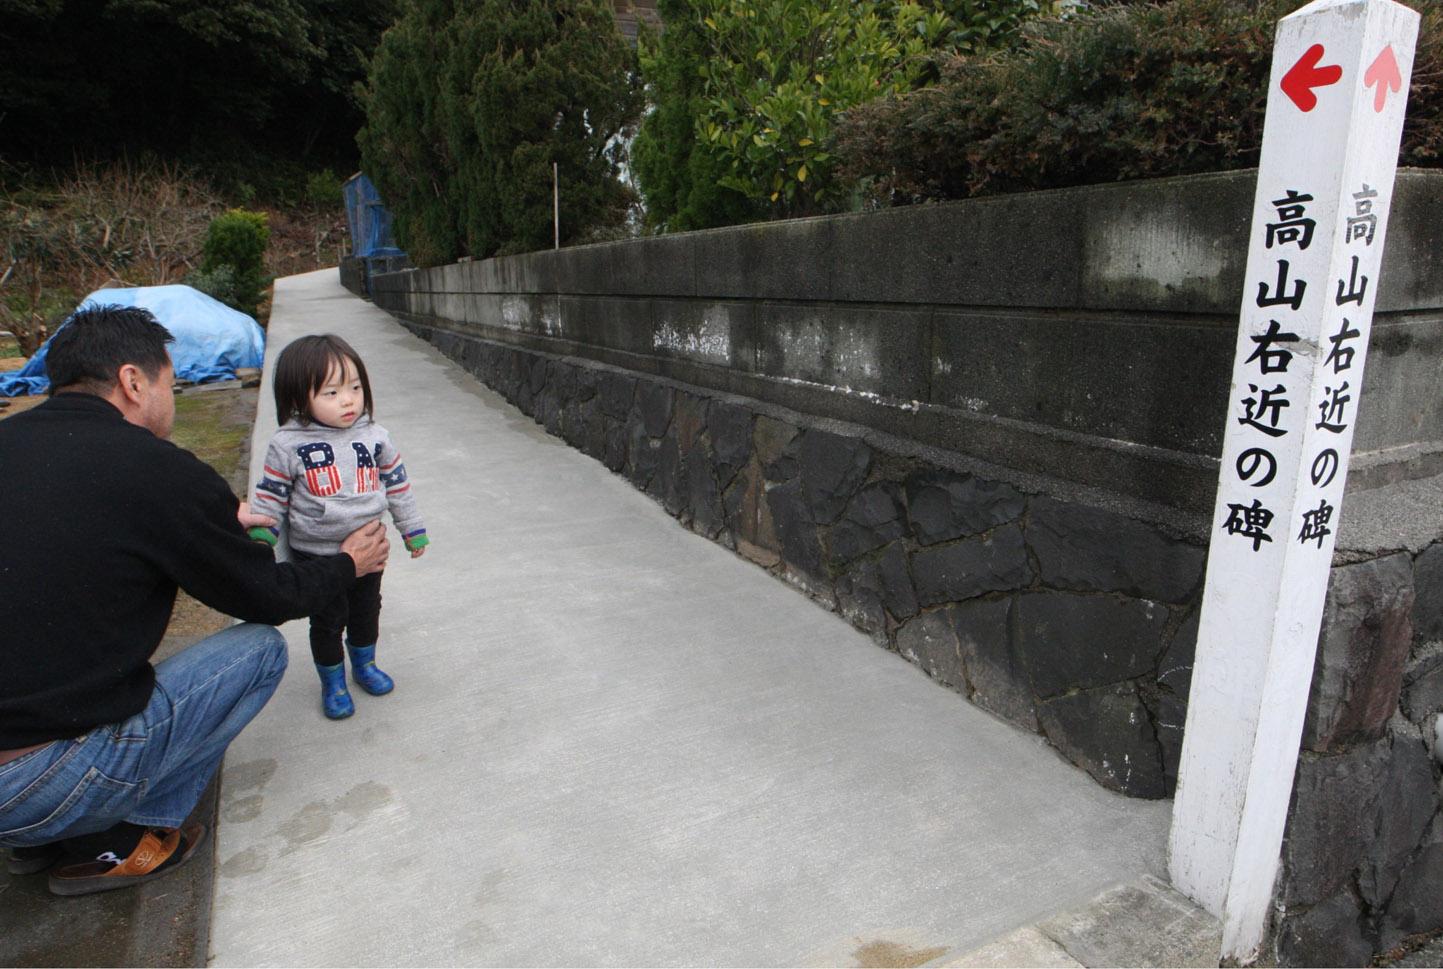 コンクリートで舗装された高山右近の碑へ続く区道=志賀町末吉